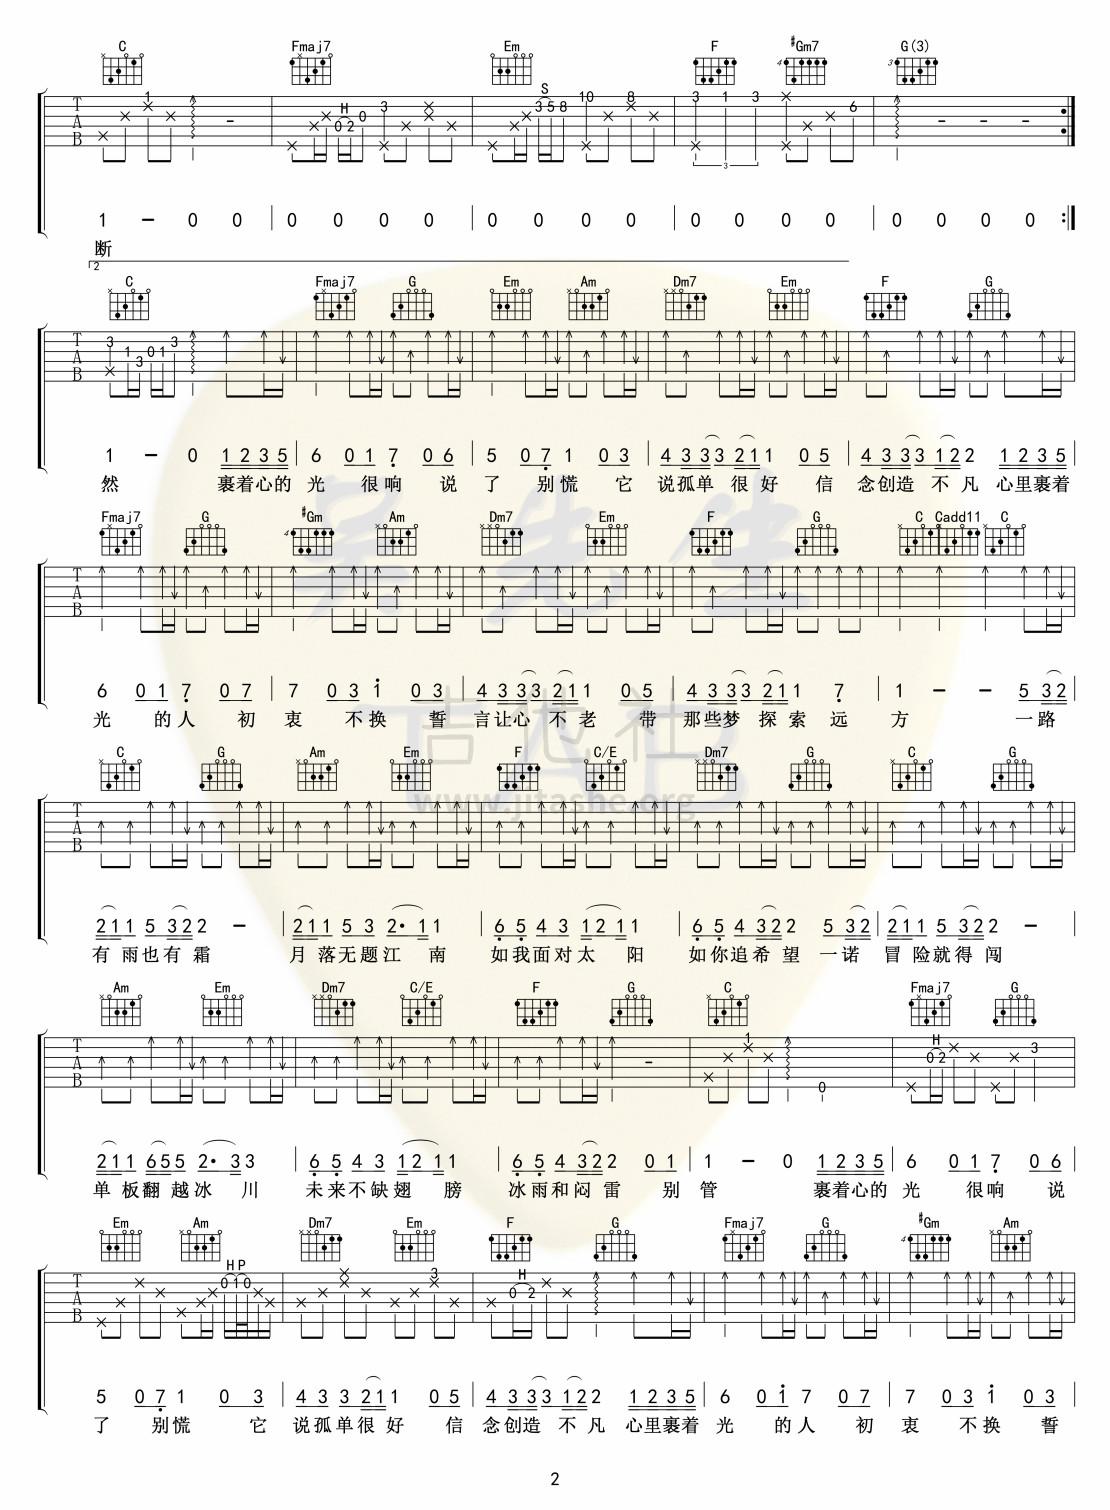 裹着心的光吉他谱(图片谱,弹唱)_林俊杰(JJ)_裹着心的光02.jpg